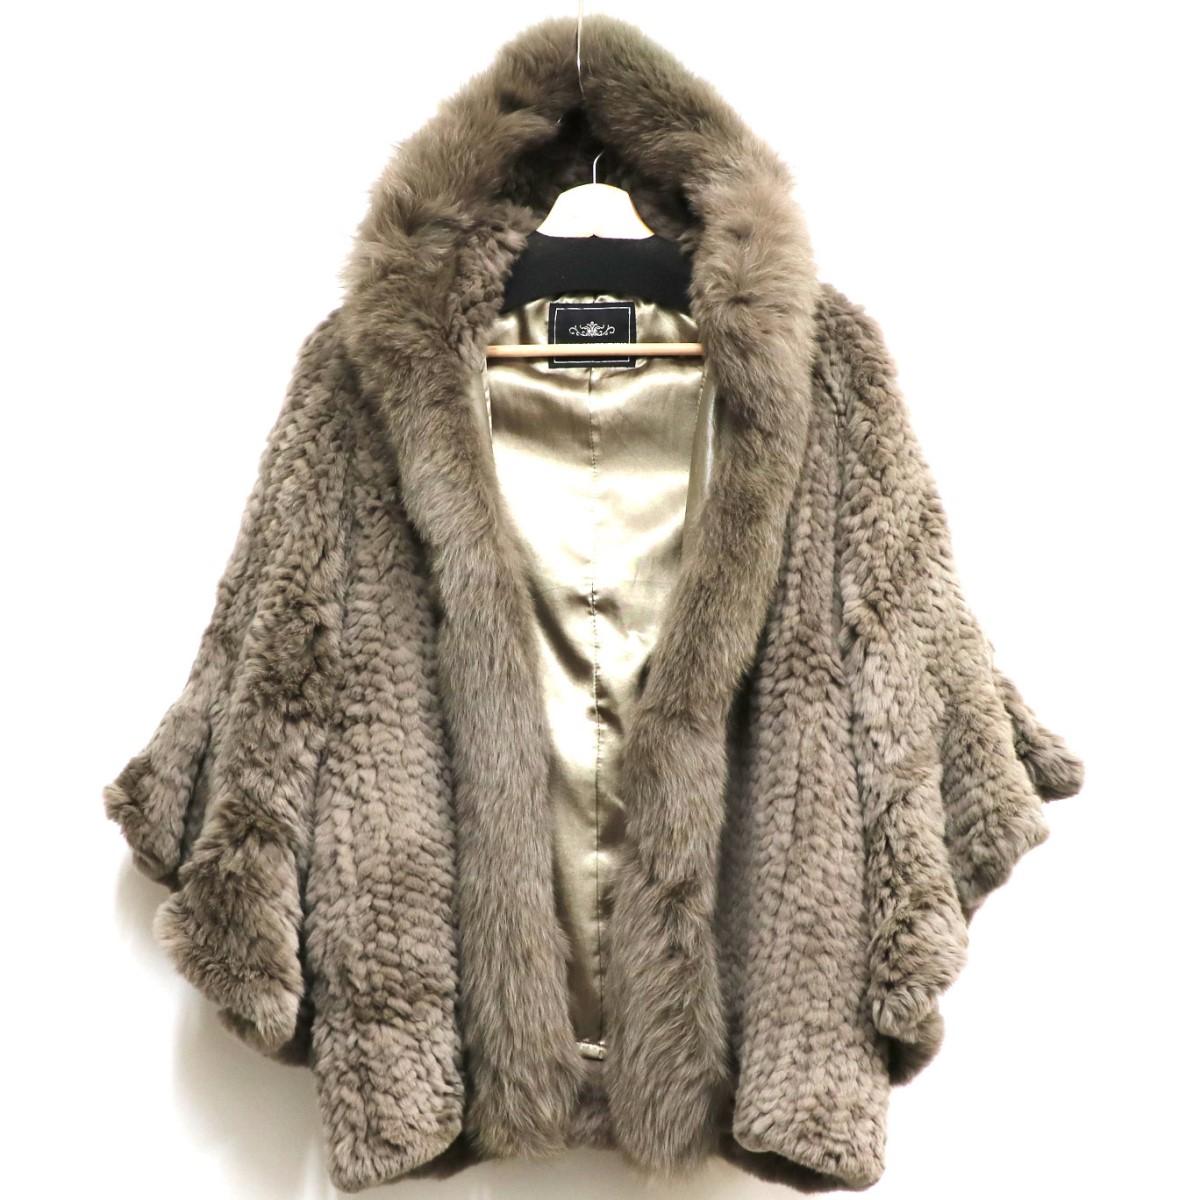 【中古】GRACE CONTINENTAL フードファーフリルコートジャケット アッシュグレー サイズ:36 【230920】(グレースコンチネンタル)